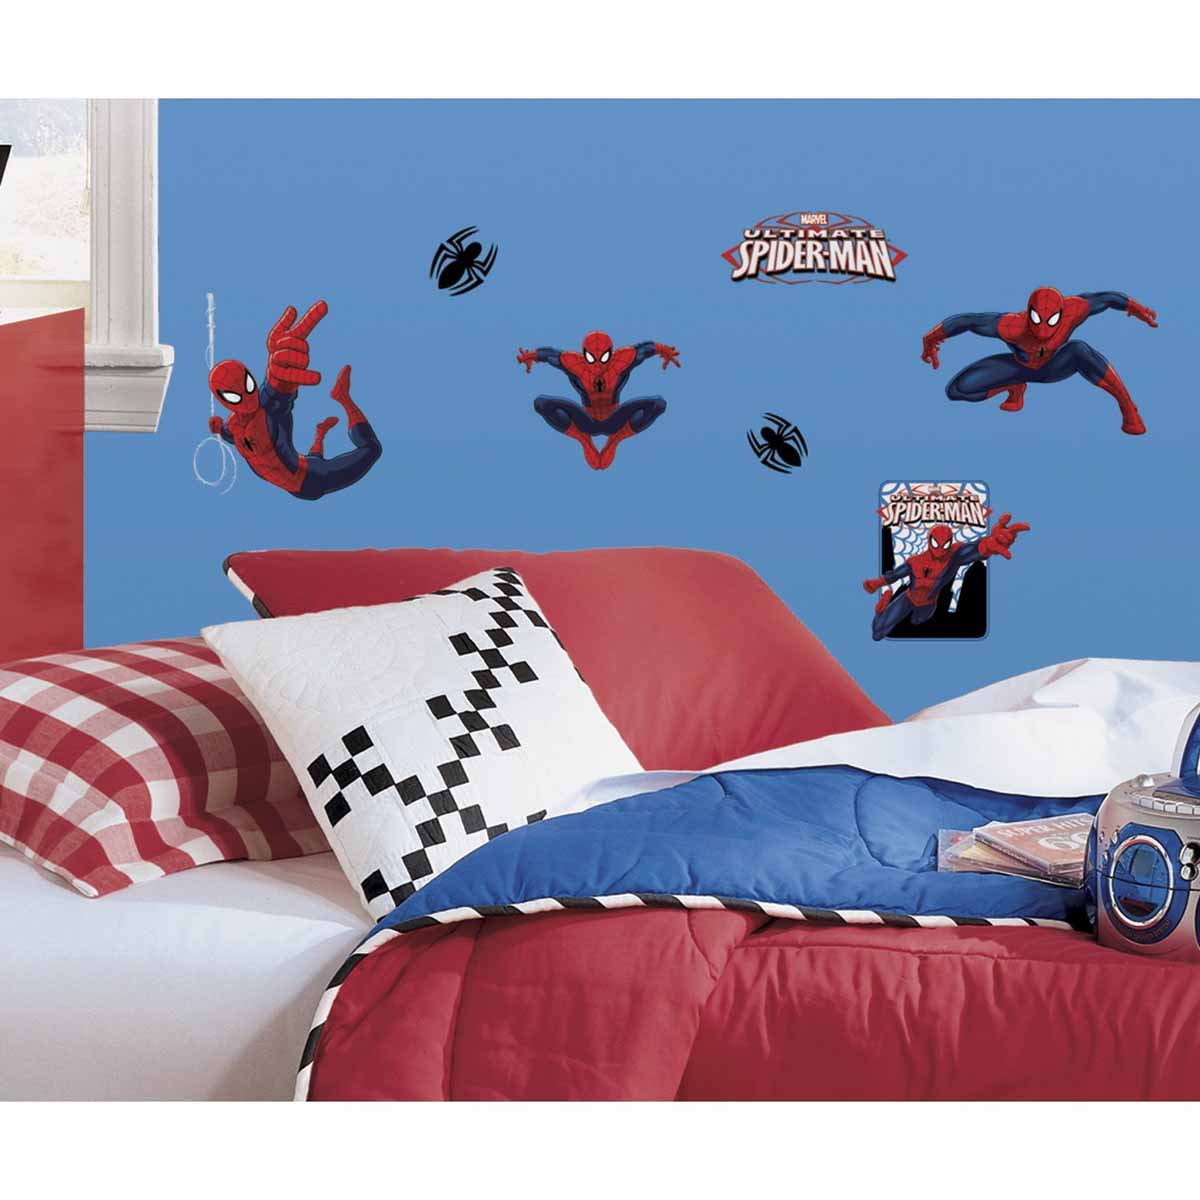 RoomMates Наклейки для декора Человек-паук300164_черный, кошкиНаклейки для декора Человек-паук от знаменитого производителя RoomMates станут украшением вашей квартиры! Новый красочный набор наклеек для декора оценит любой поклонник знаменитого комикса! Наклейки, входящие в набор, содержат изображения персонажей классического комикса про приключения Человека-Паука. Всего в наборе 22 стикера. Наклейки не нужно вырезать - их следует просто отсоединить от защитного слоя и поместить на стену или любую другую плоскую гладкую поверхность. Наклейки многоразовые: их легко переклеивать и снимать со стены, они не оставляют липких следов на поверхности. В каждой индивидуальной упаковке вы можете найти 4 листа с различными наклейками! Таким образом, покупая наклейки фирмы RoomMates, вы получаете гораздо больший ассортимент наклеек, имея возможность украсить ими различные поверхности в доме.